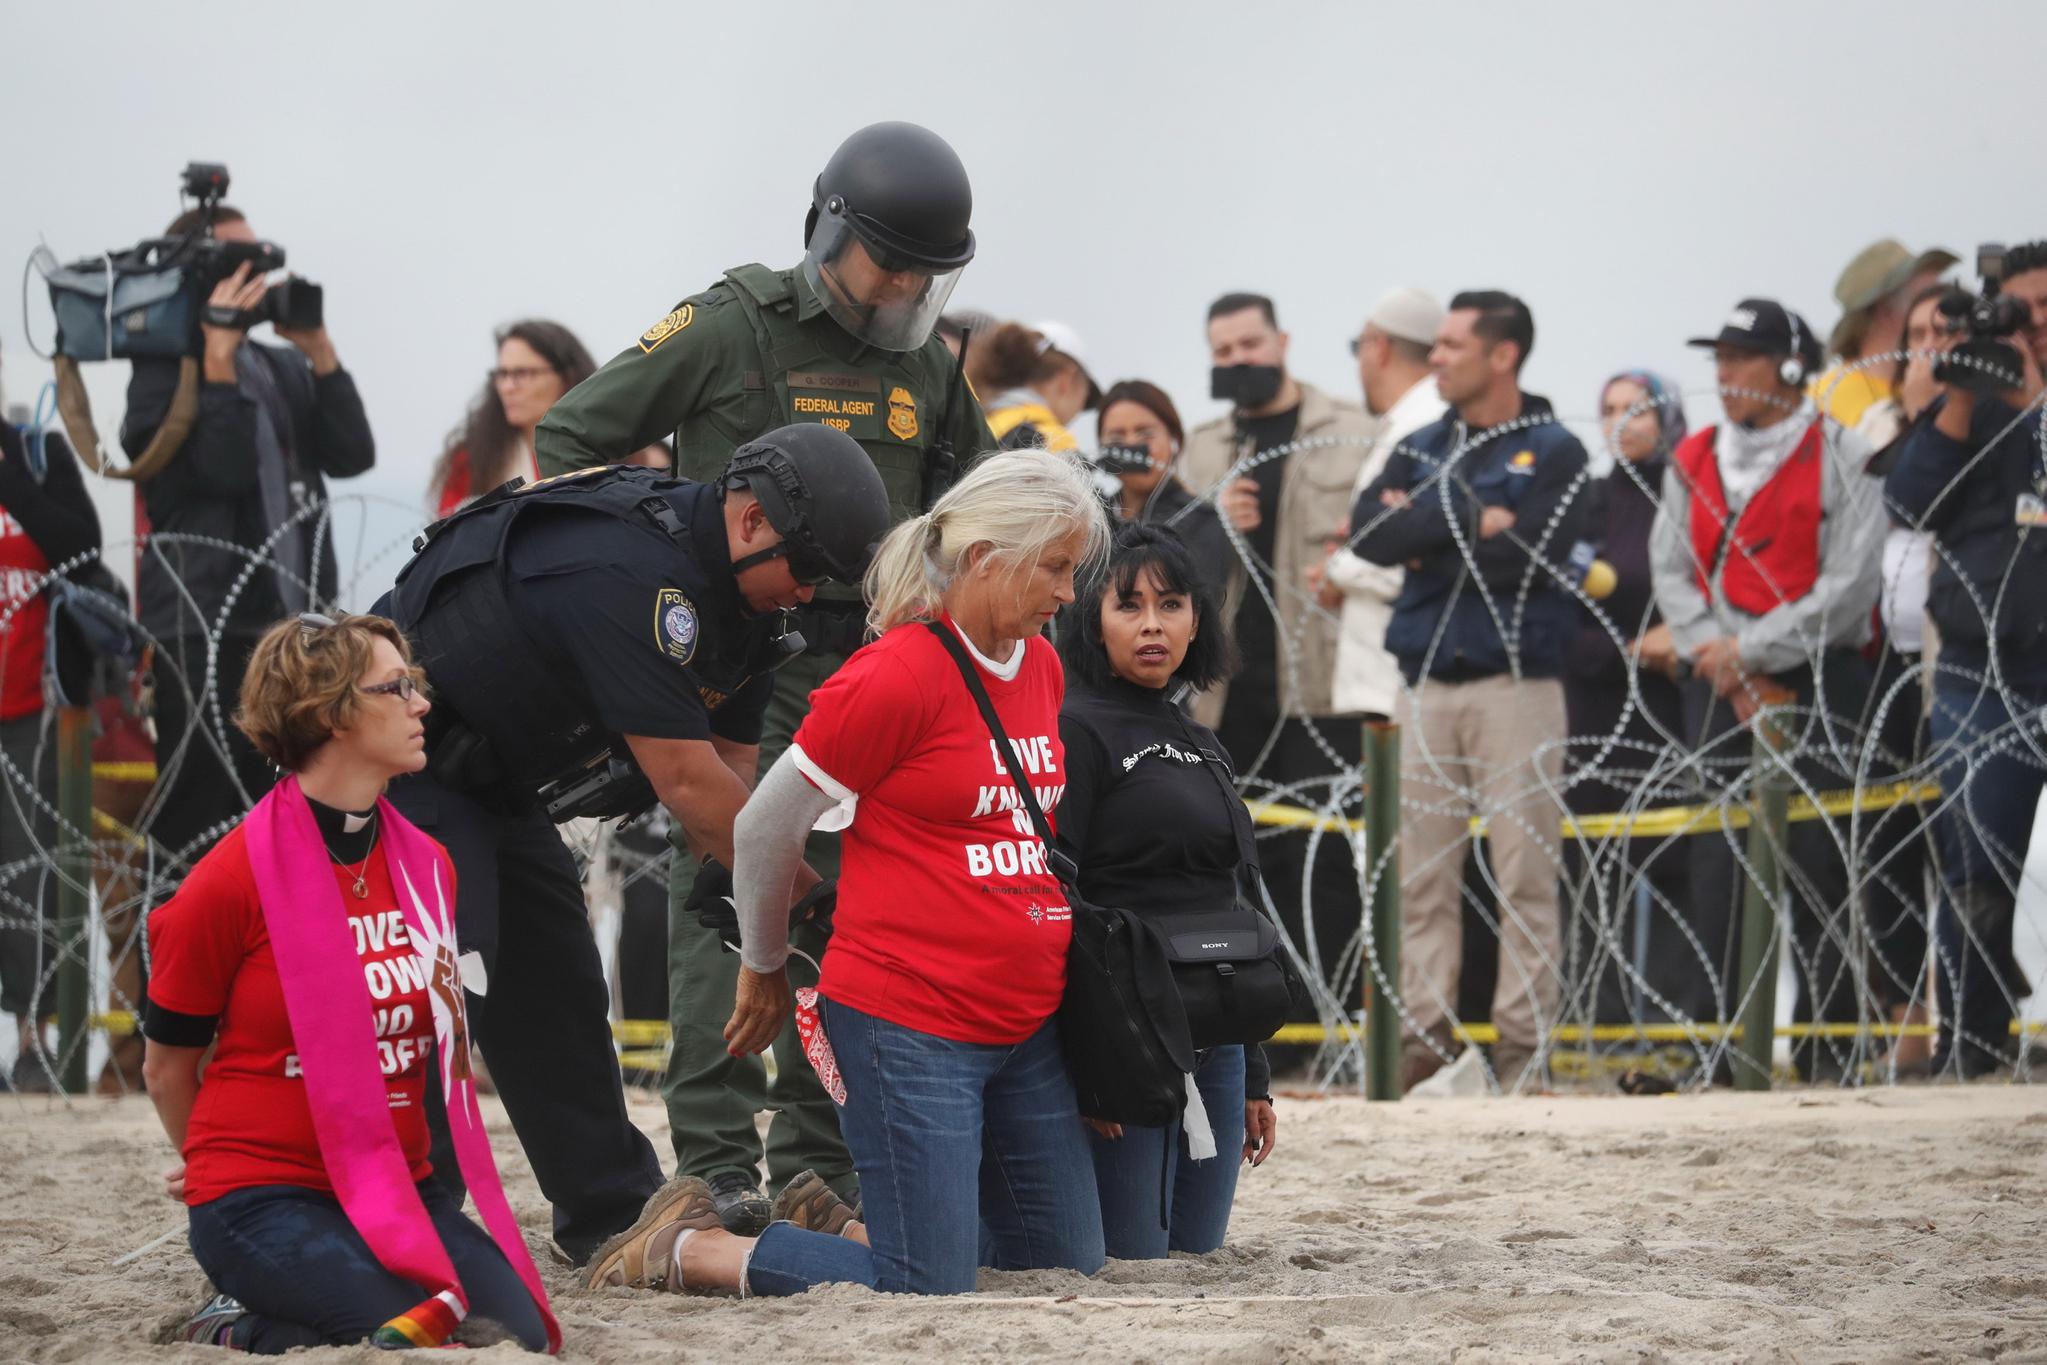 """미국 경찰과 세관국경보호국 (CBP) 요원이 카라반 지지 시위를 벌인 여성들을 체포하고 있다. 시위자들의 셔츠에 """"사랑은 국경이 없다""""(Love Knows No Borders)는 문구가 새겨져 있다. [REUTERS=연합뉴스]"""